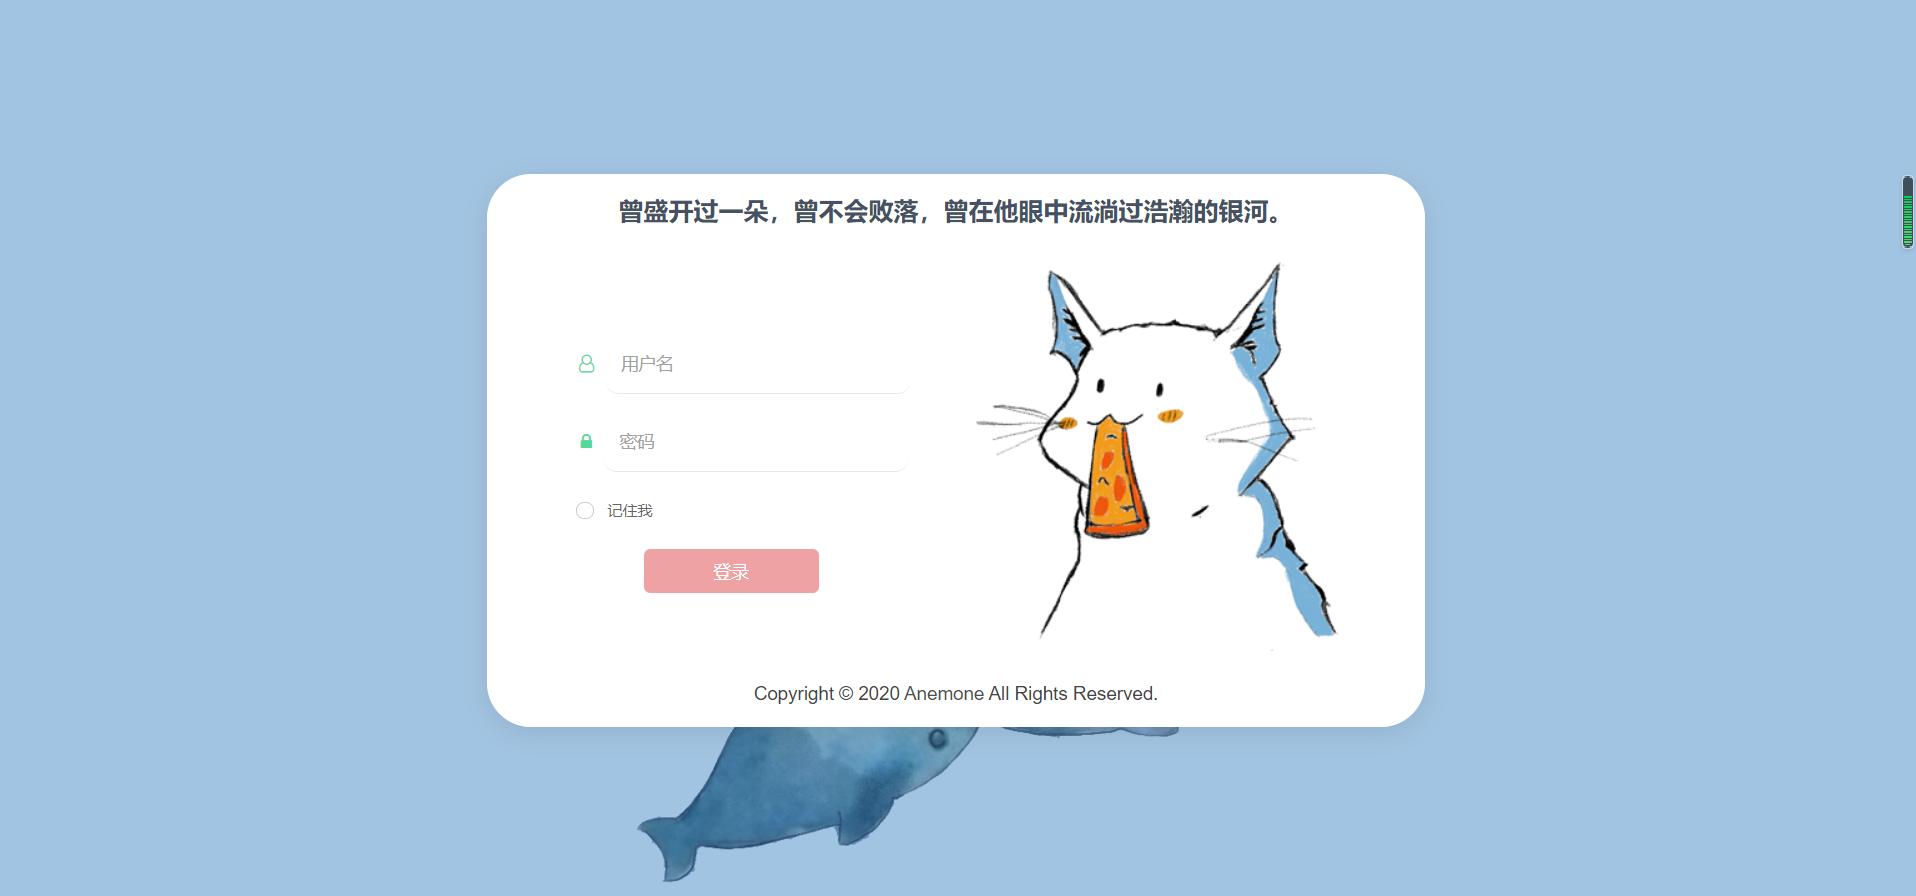 Typecho - 登录页面